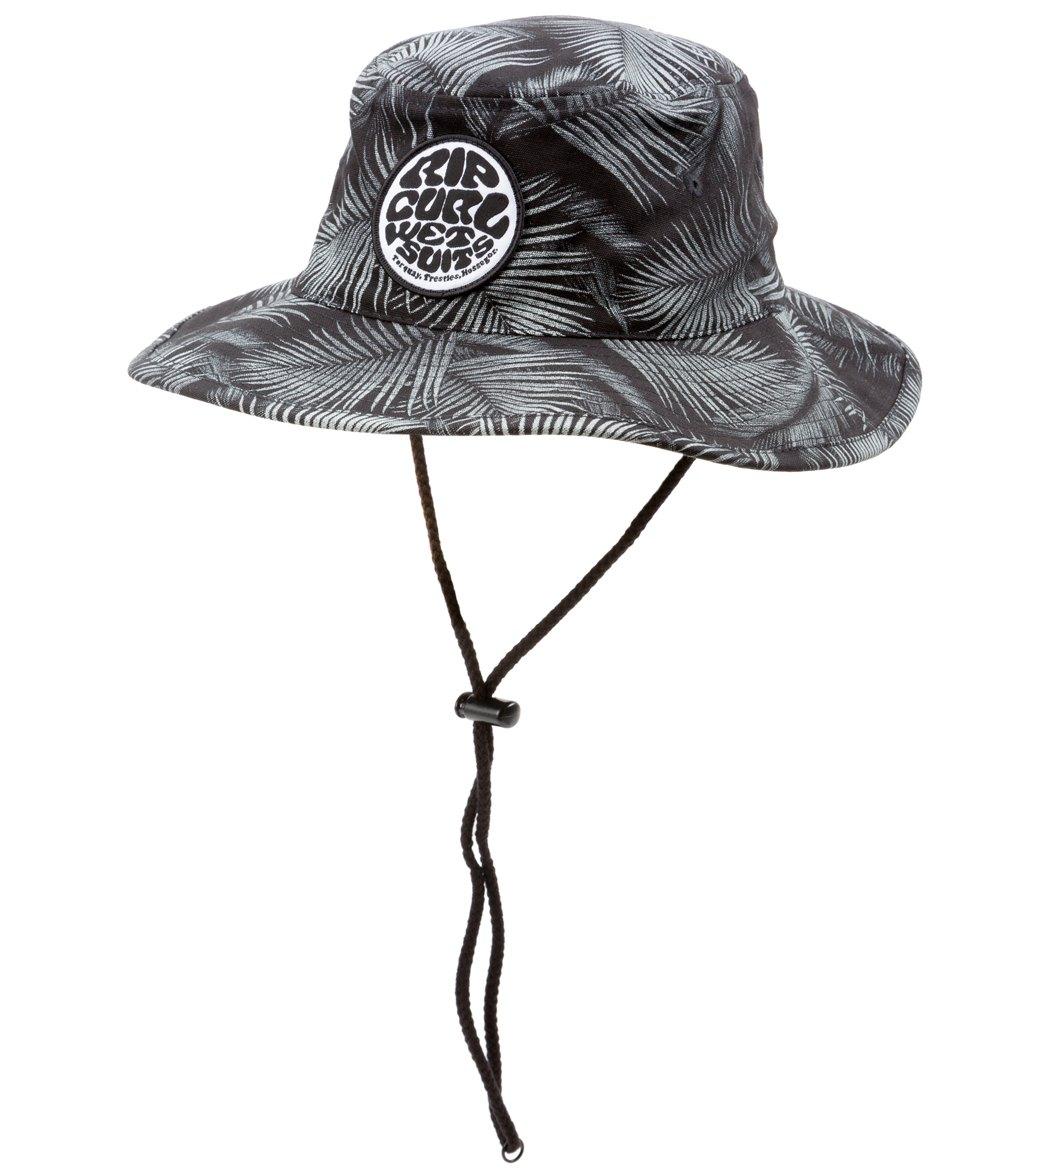 8ab1dfb2de8 Rip Curl Men s Palm Bushmaster Hat at SwimOutlet.com